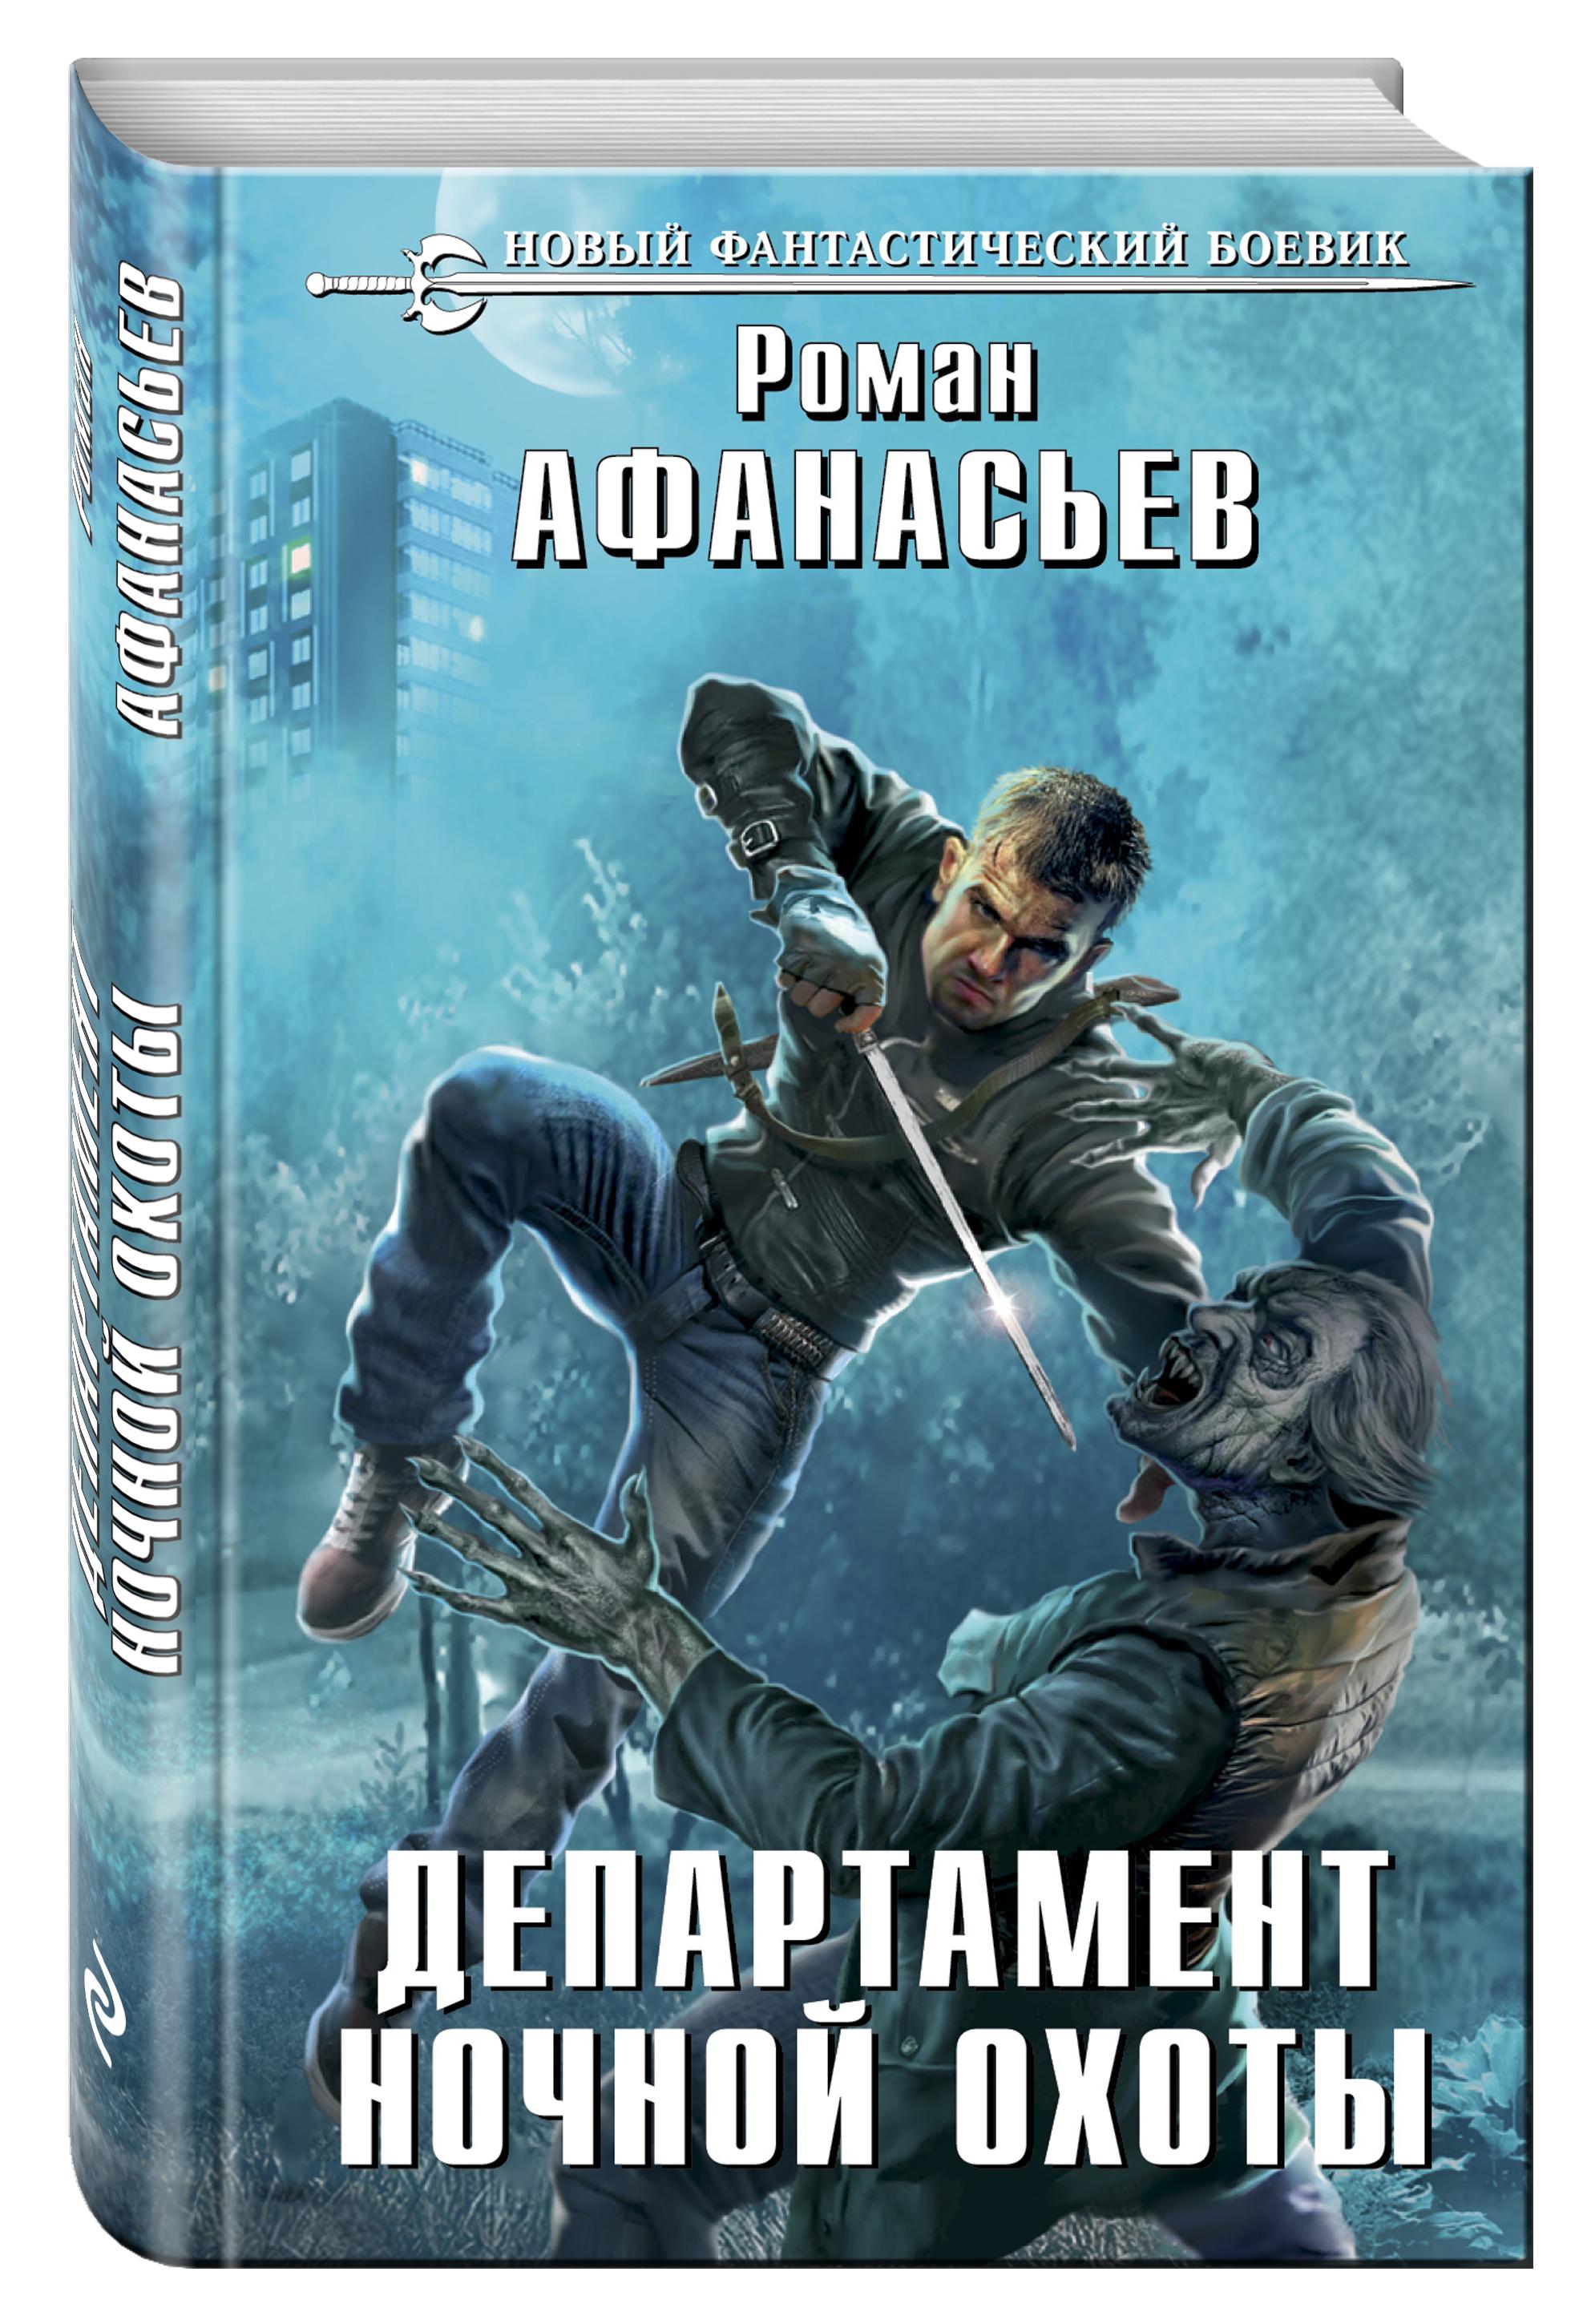 Афанасьев Р.С. Департамент ночной охоты